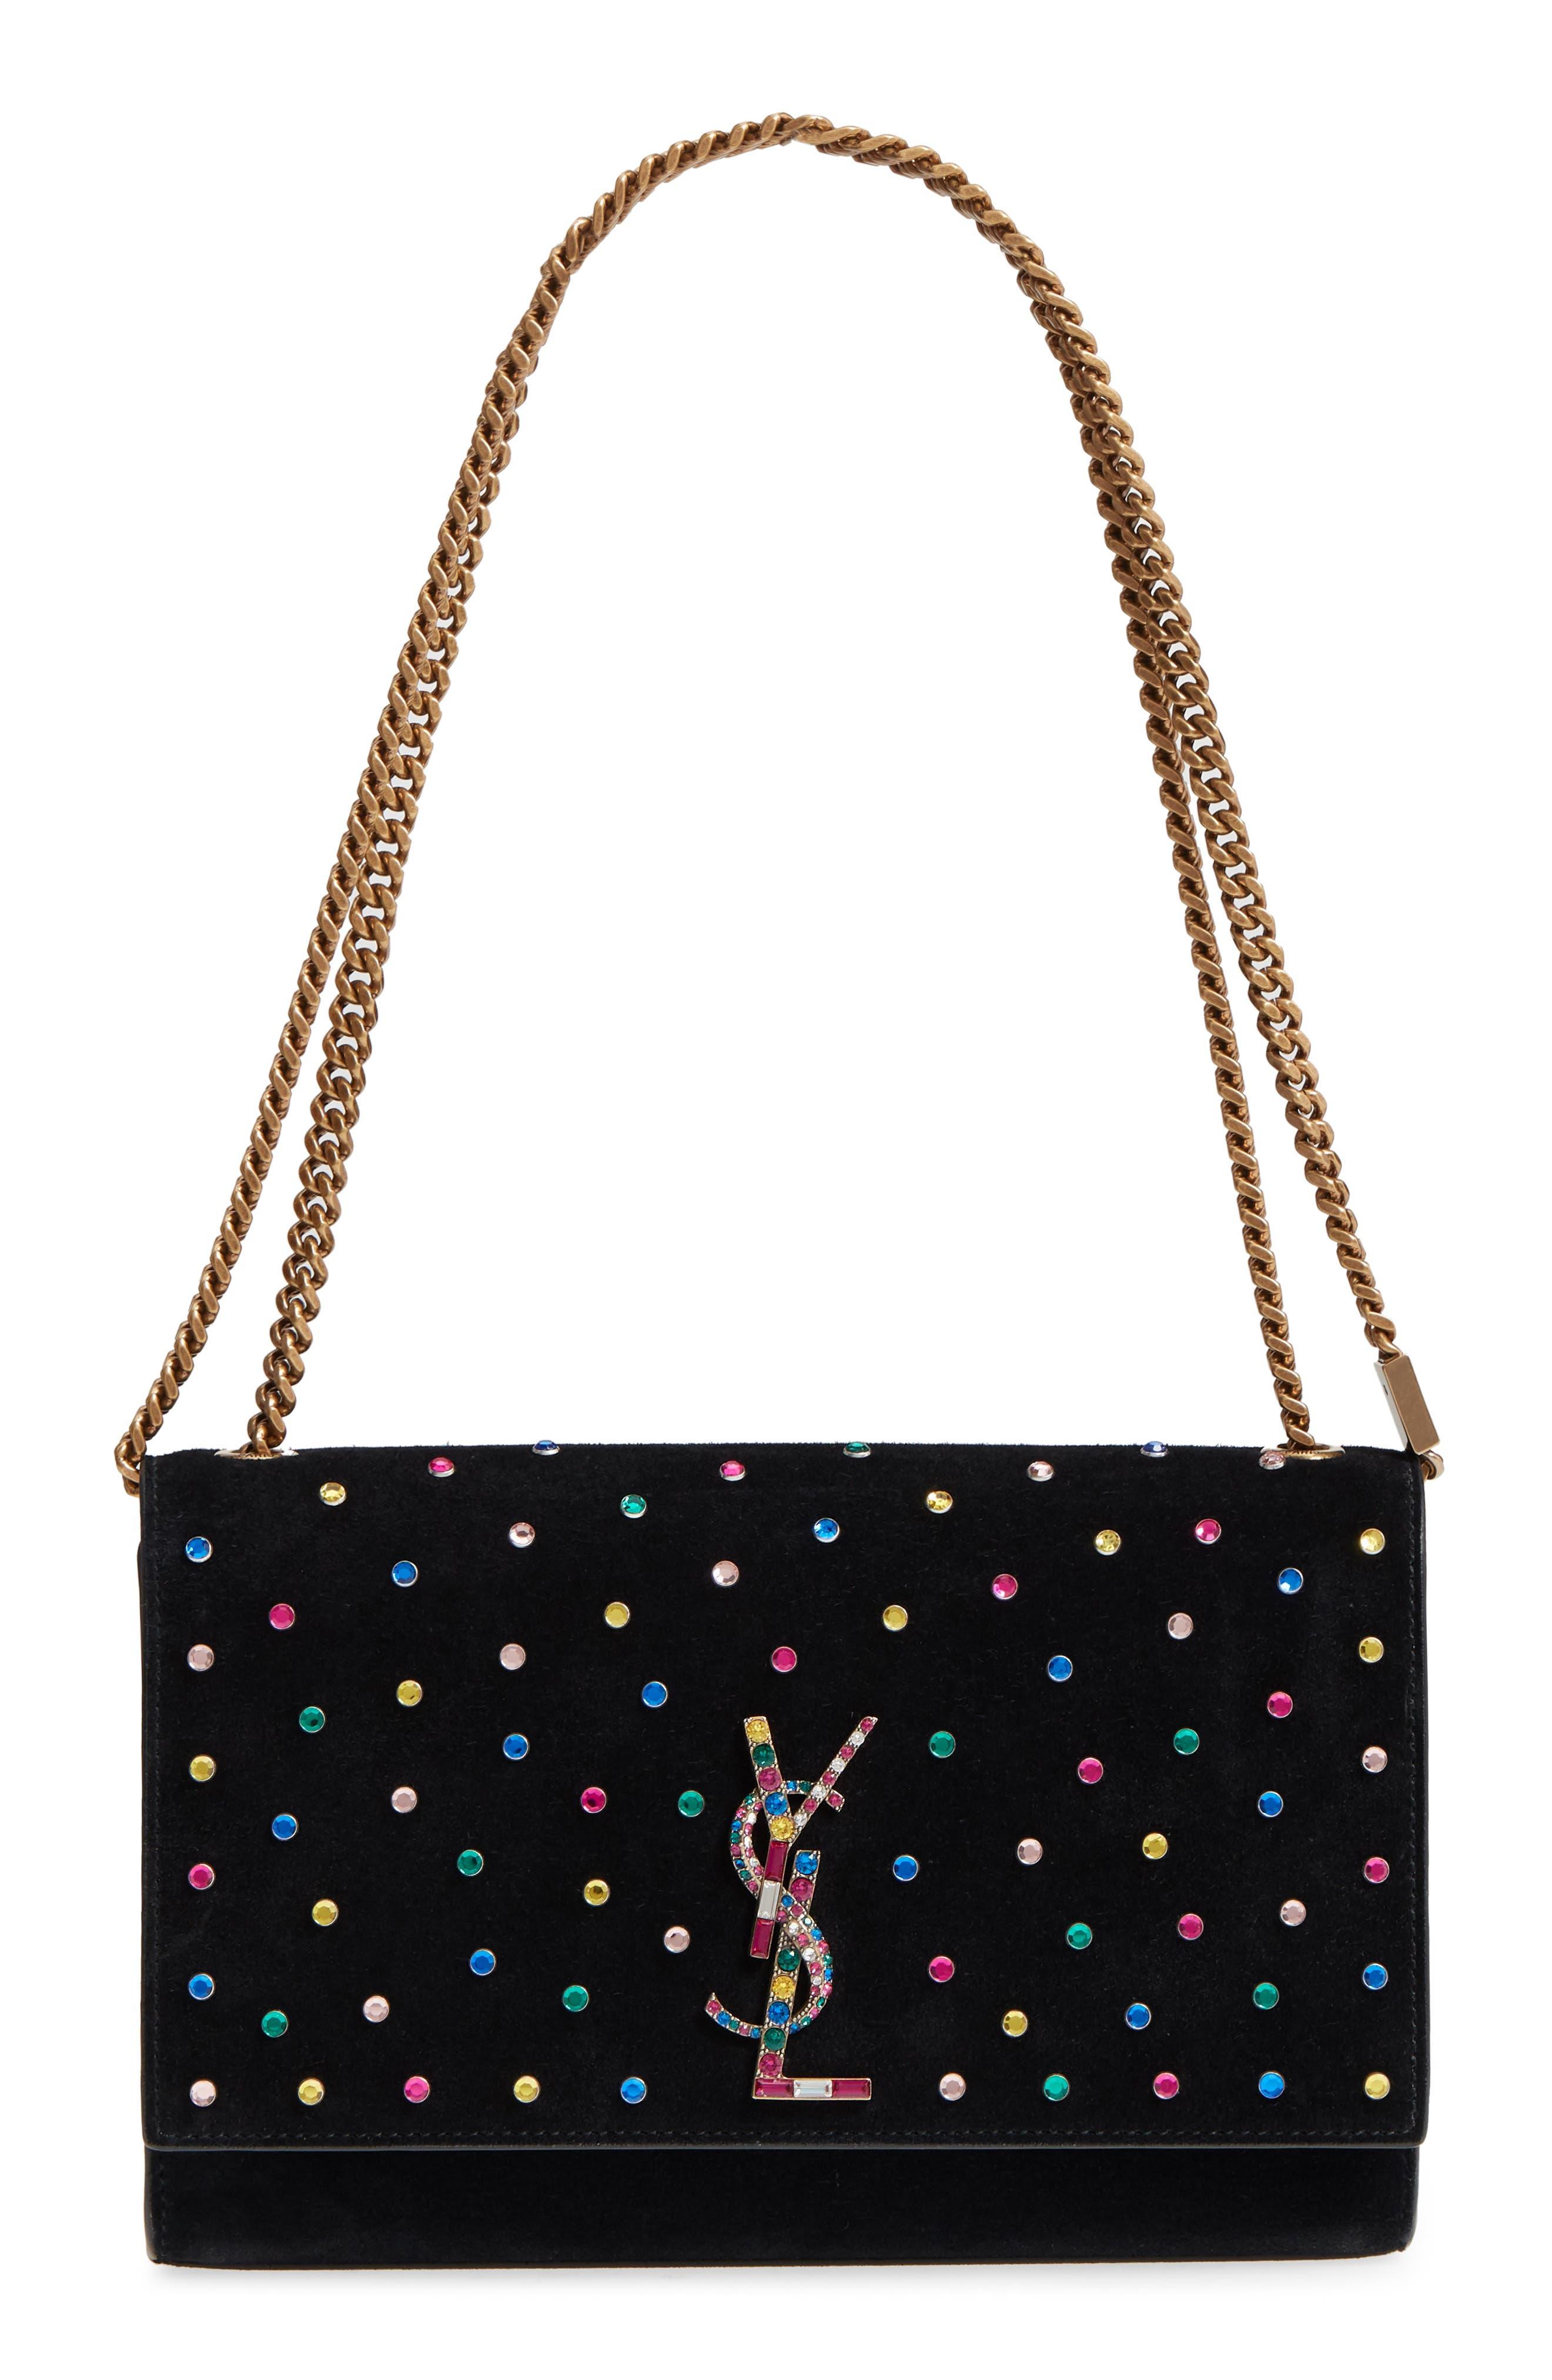 Medium Kate Embellished Suede Shoulder Bag,                             Main thumbnail 1, color,                             1077 MULTI